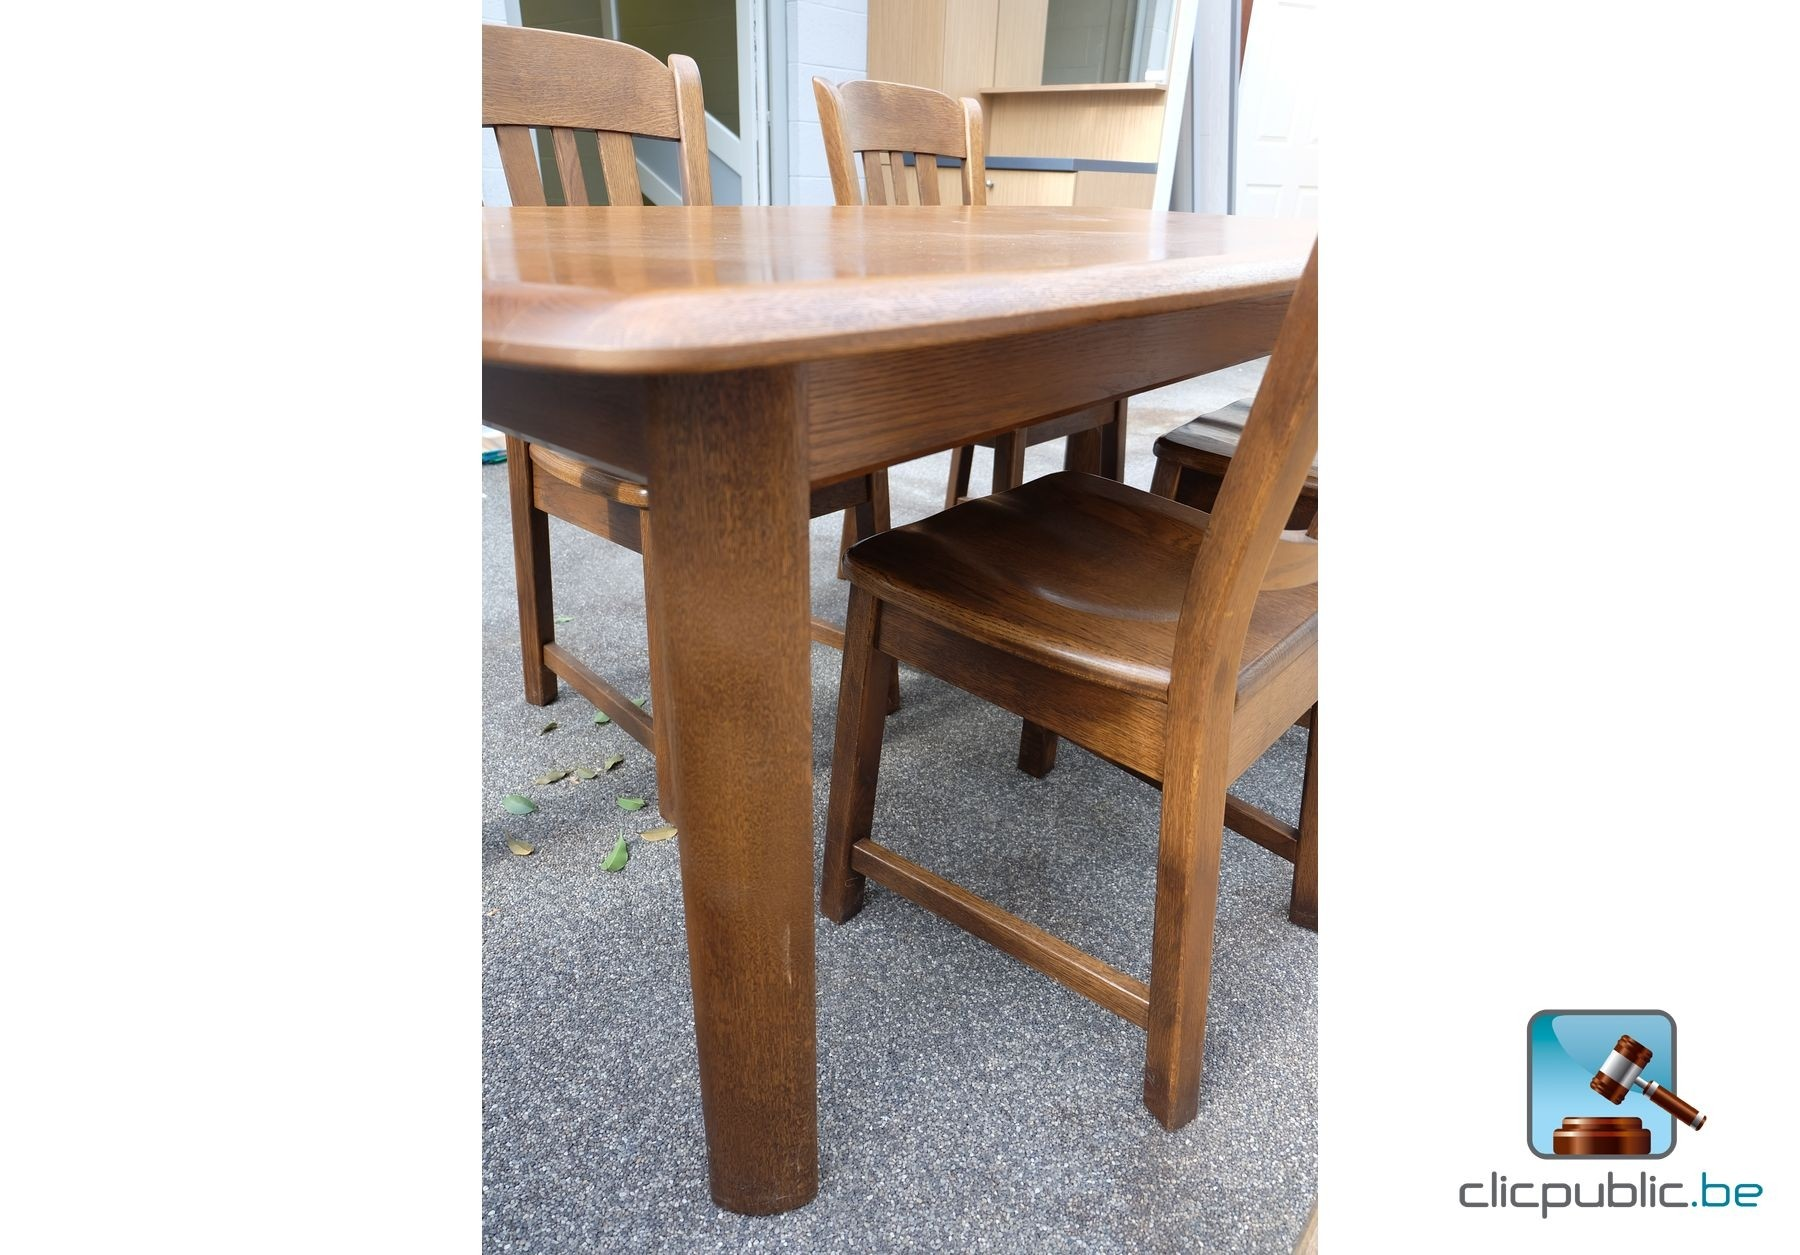 #90623B Table De Salle à Manger En Chêne Massif Lamellé Collé (ref  3557 salle à manger en chêne massif à vendre 1800x1255 px @ aertt.com